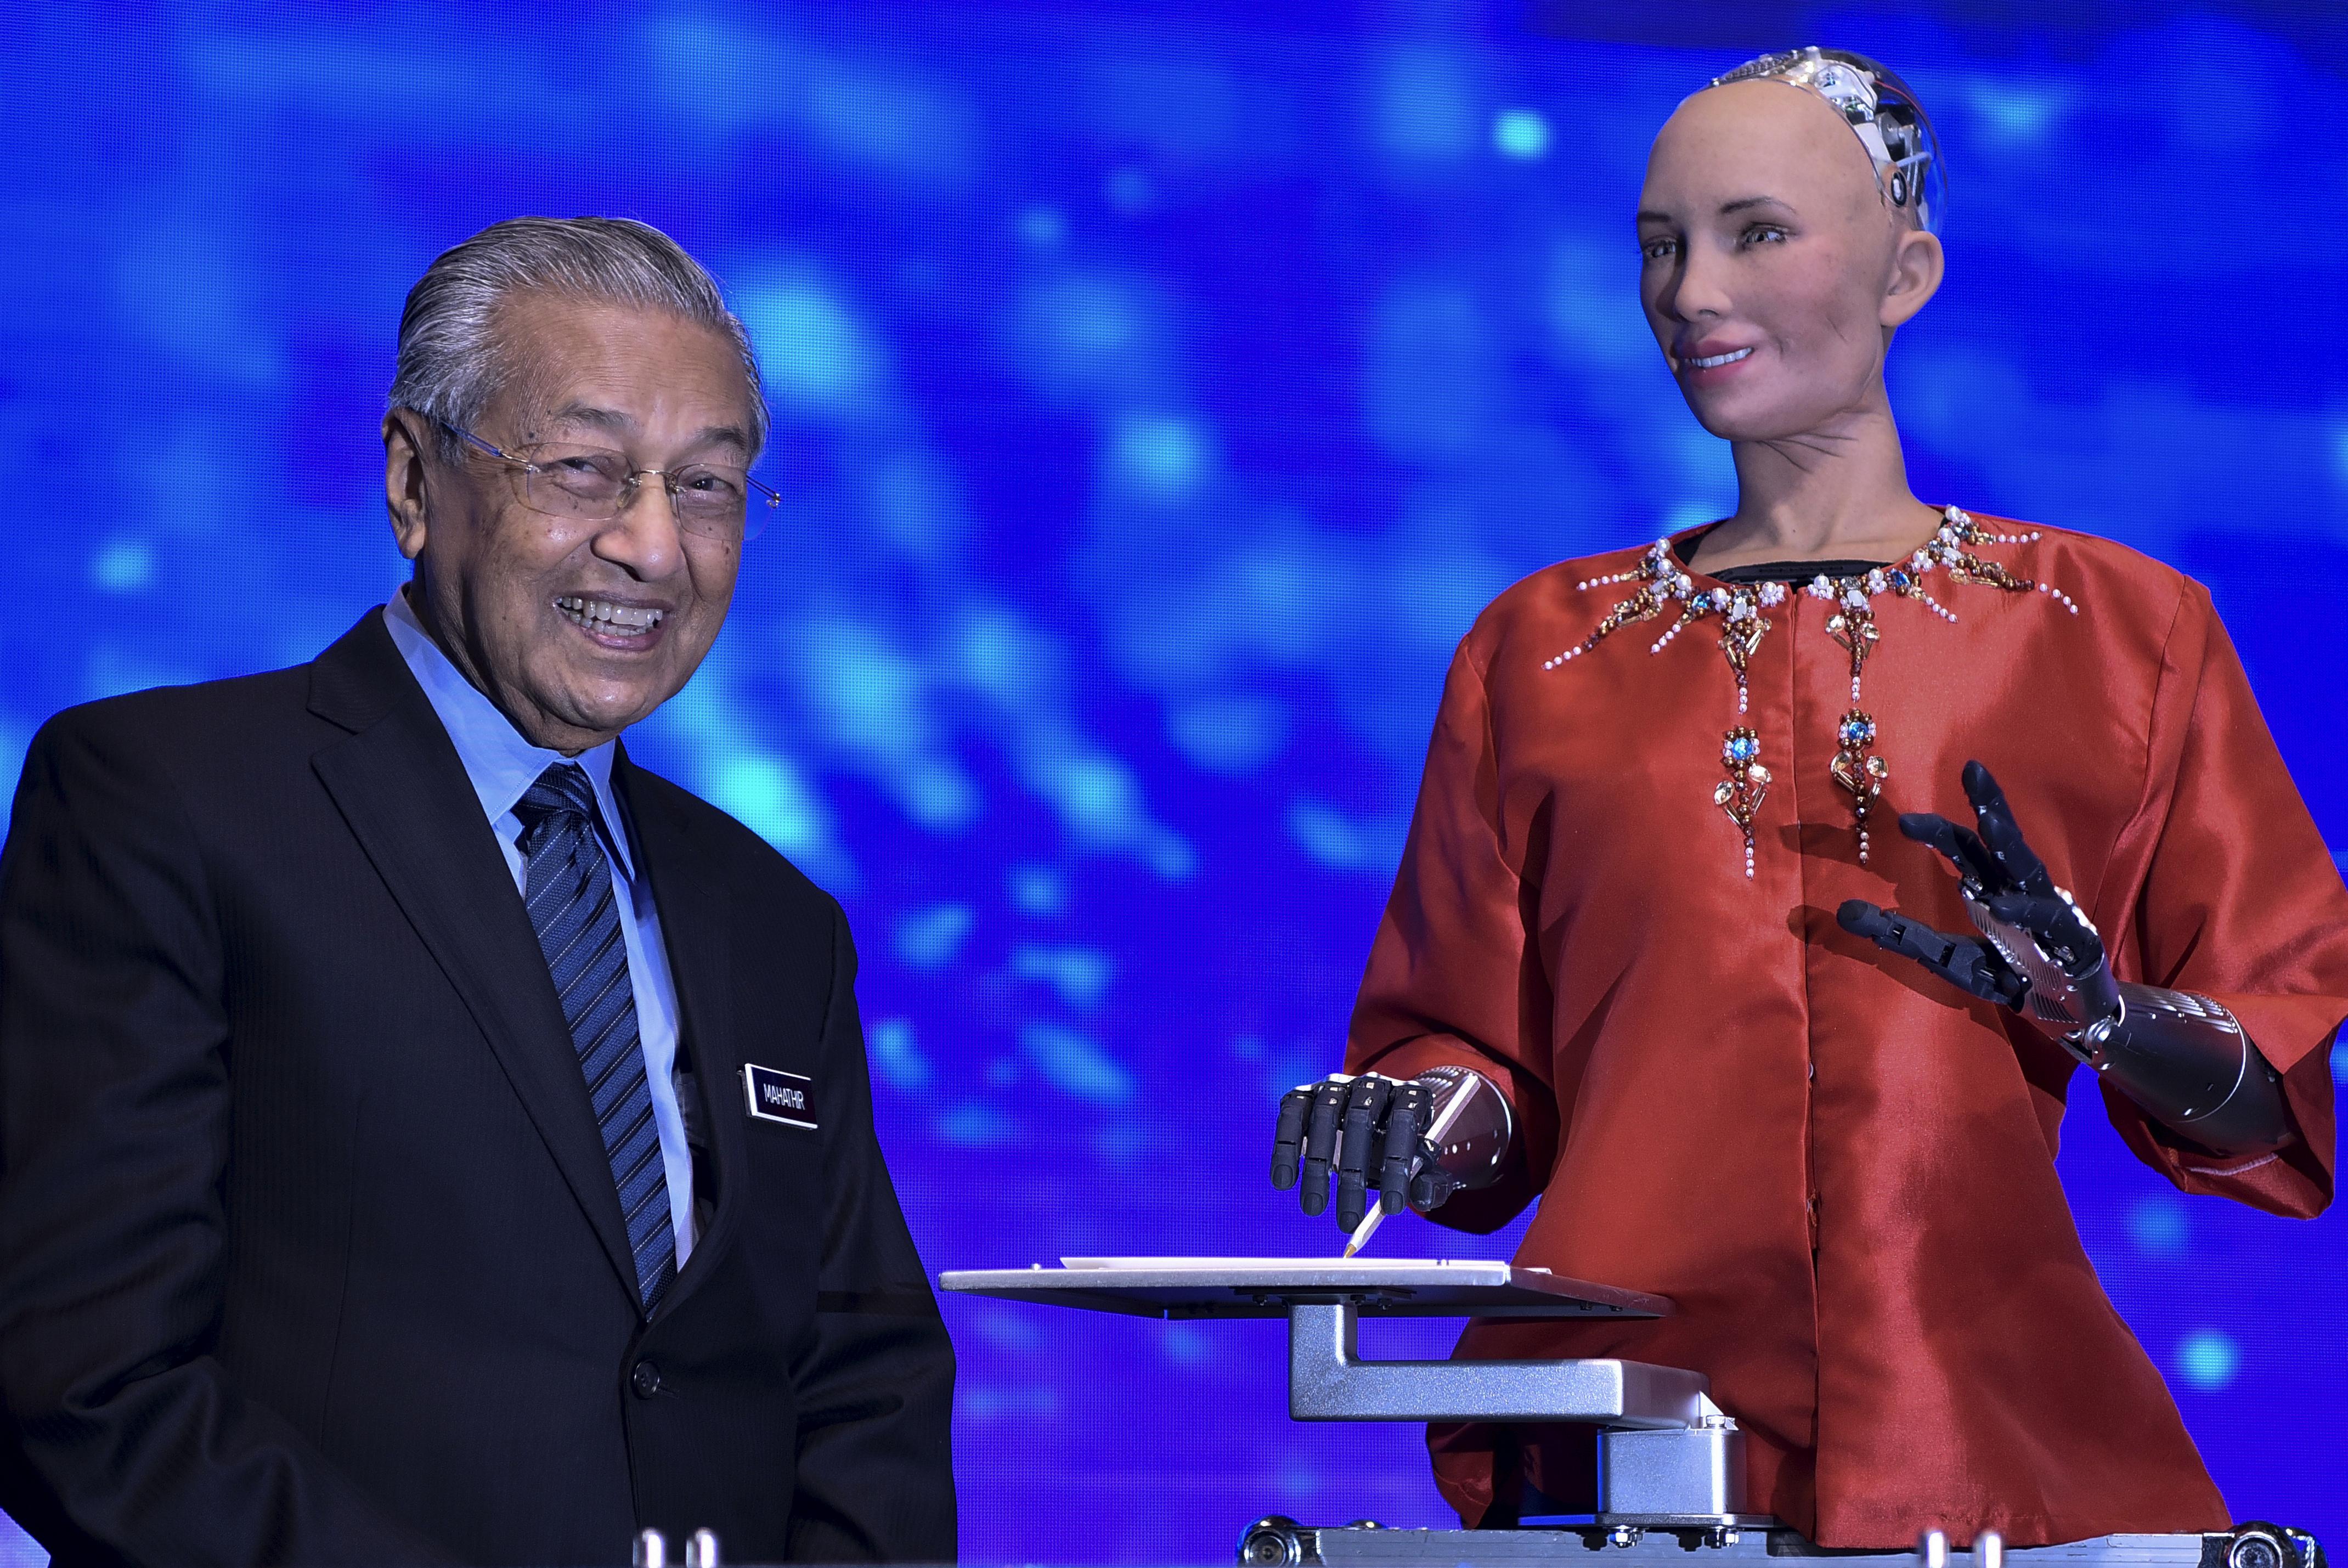 Dr Mahathir tongue-tied? Yes, when he met Sophia the 'social